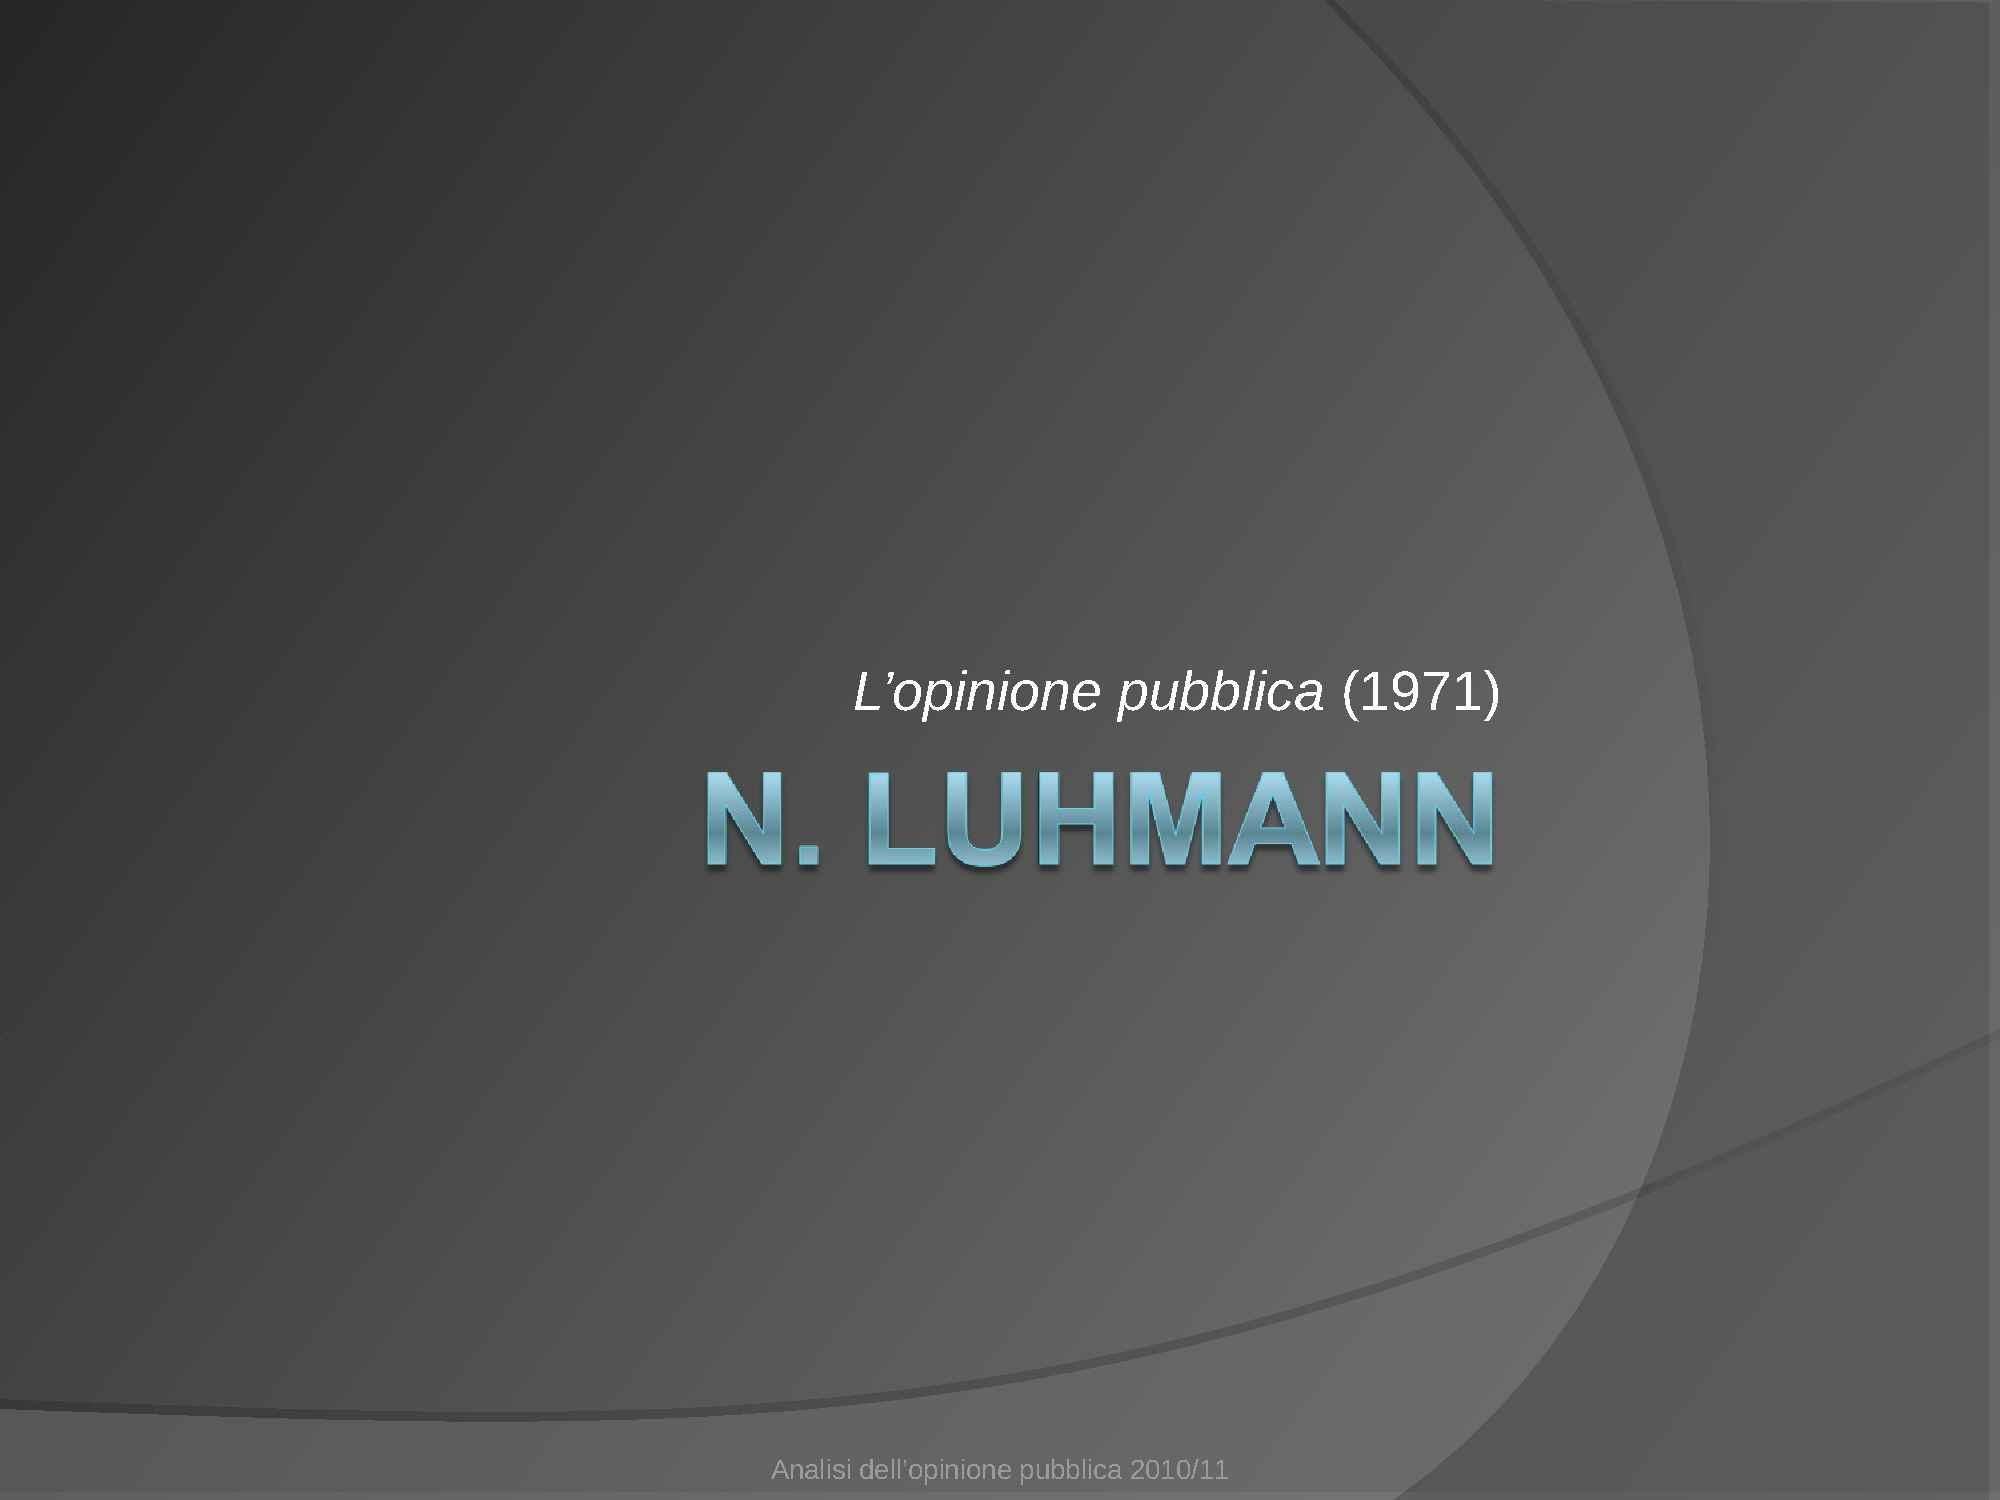 Opinione pubblica - Luhmann